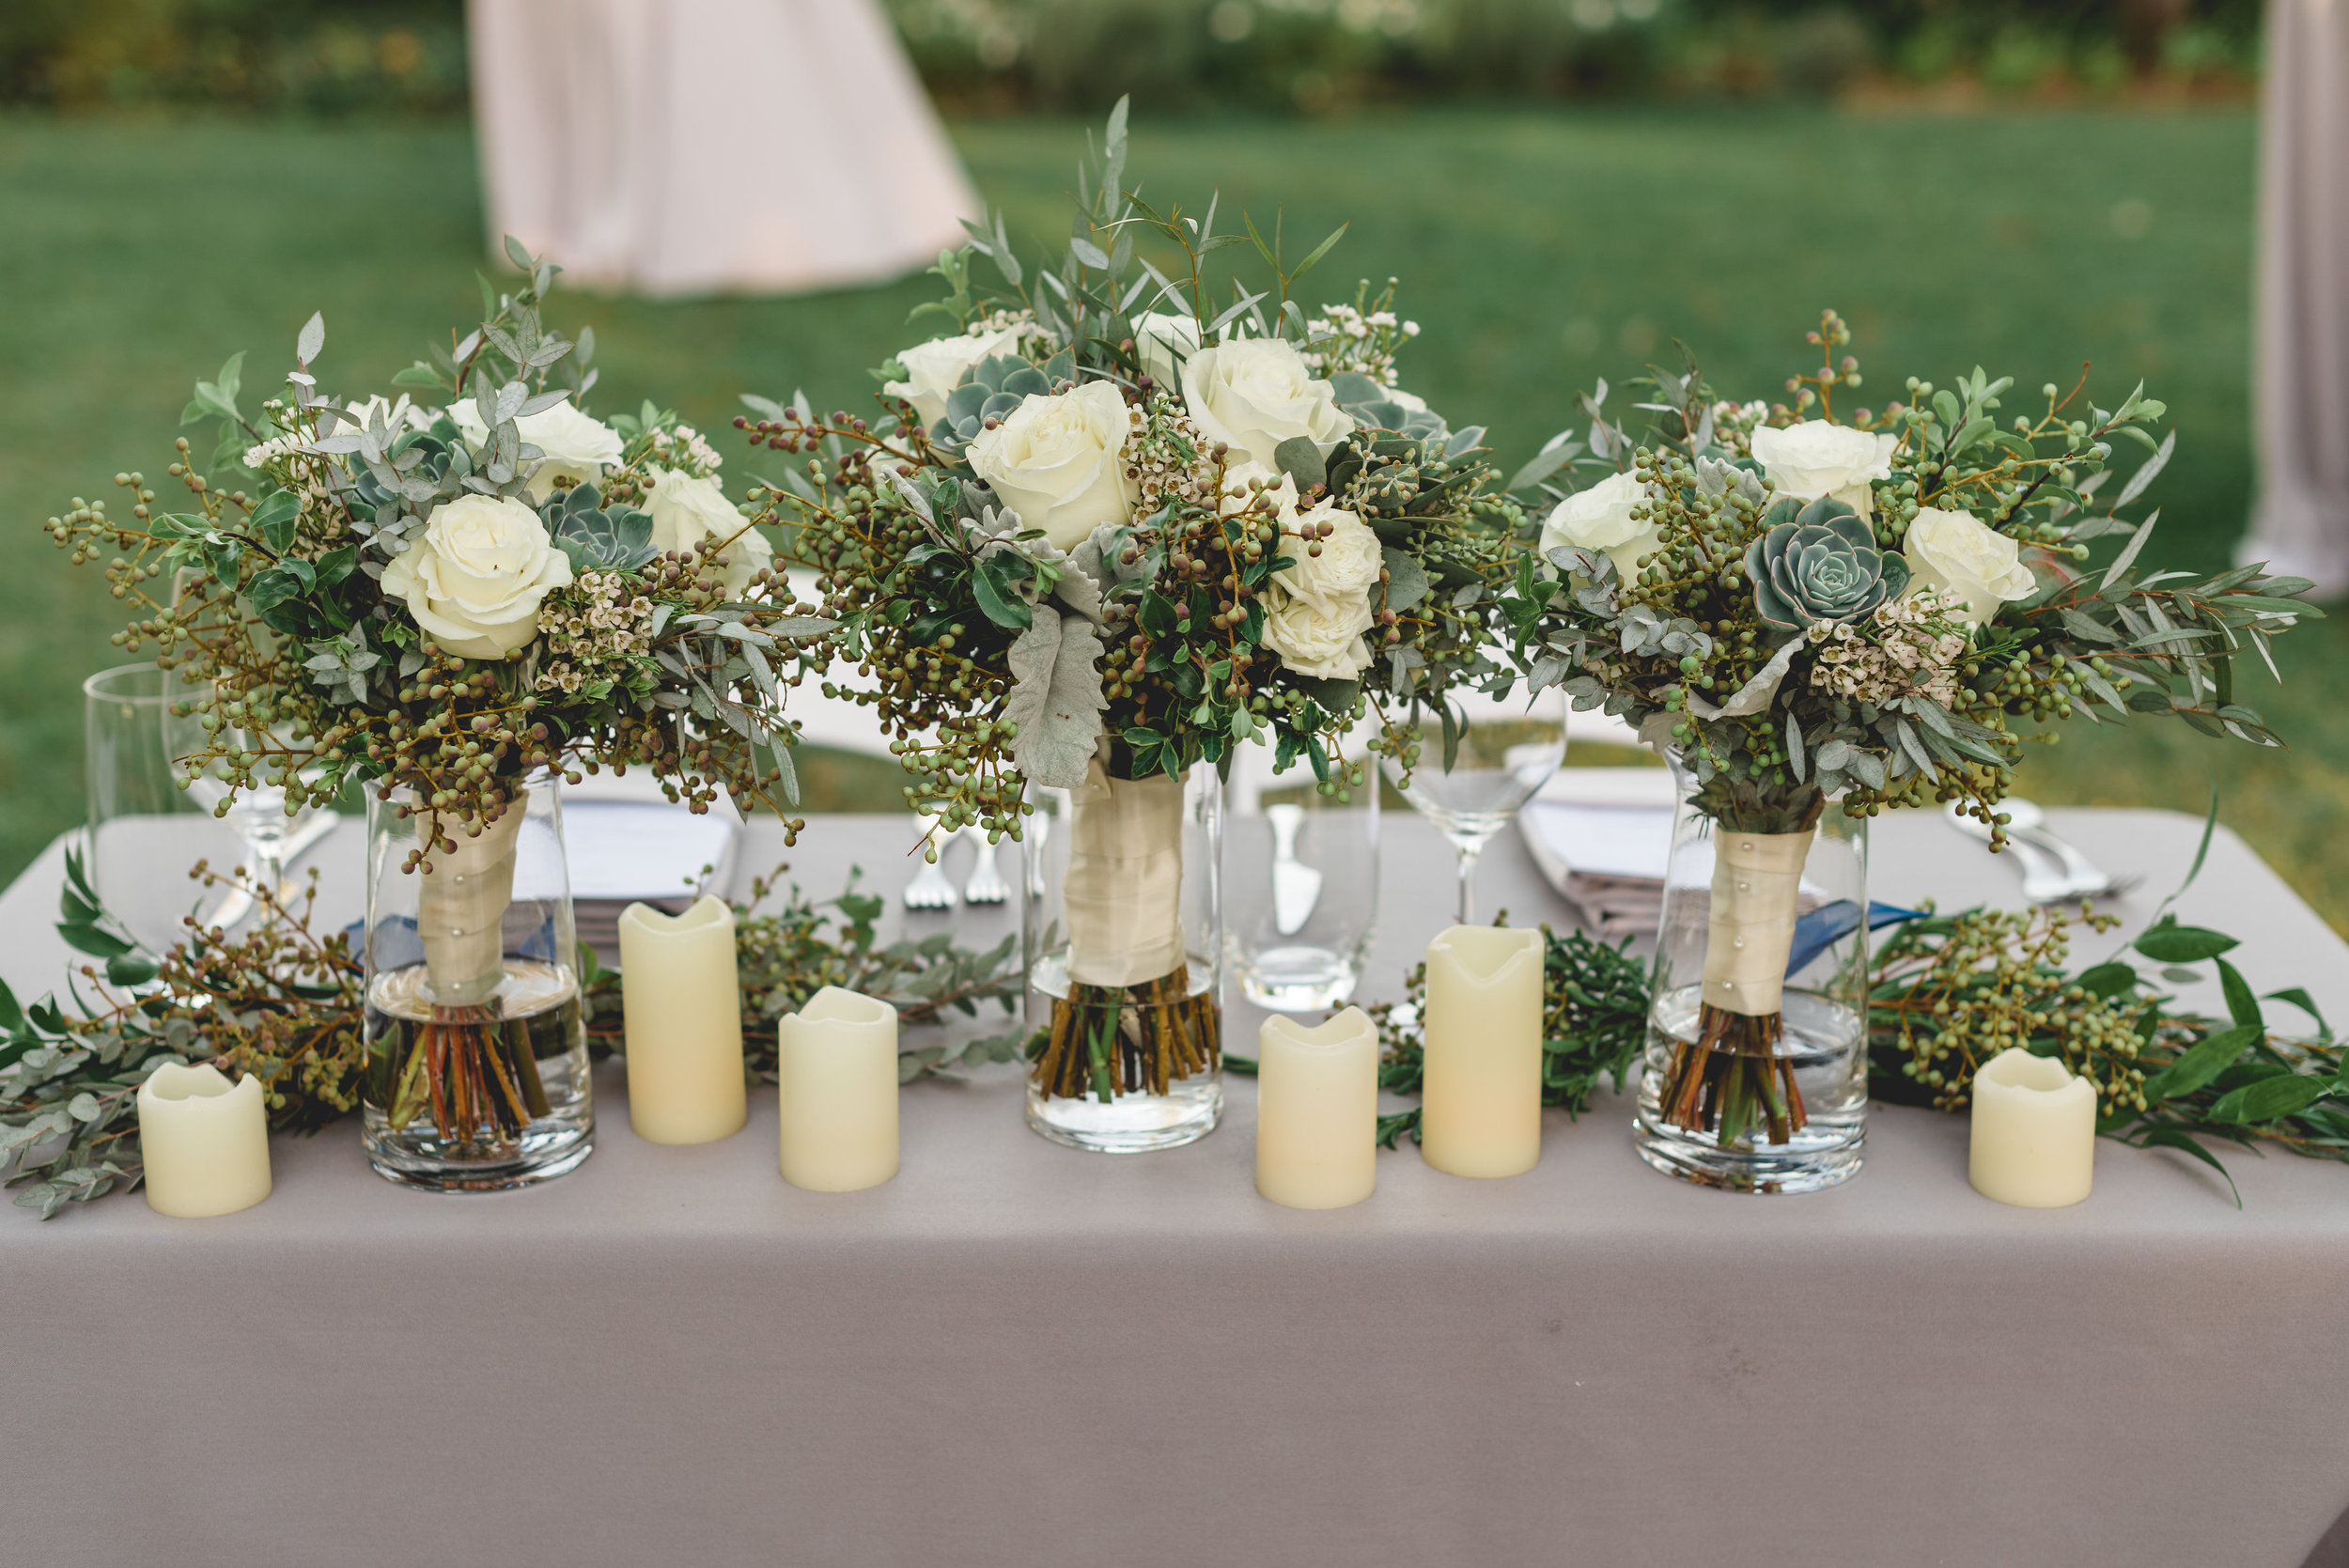 AB_wedding-details-77.jpg